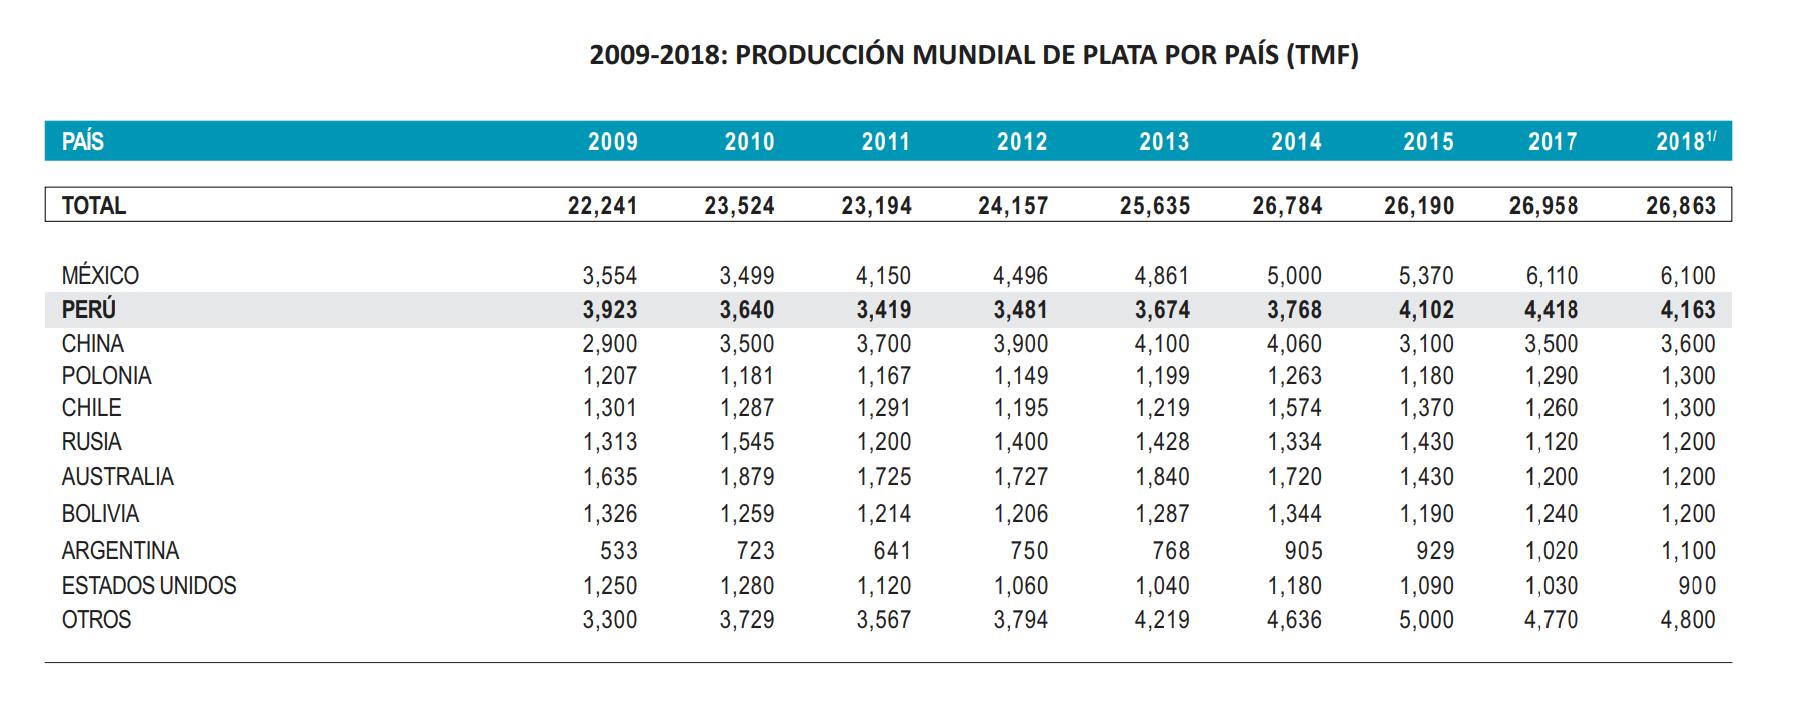 Plata - Produccion Mundial